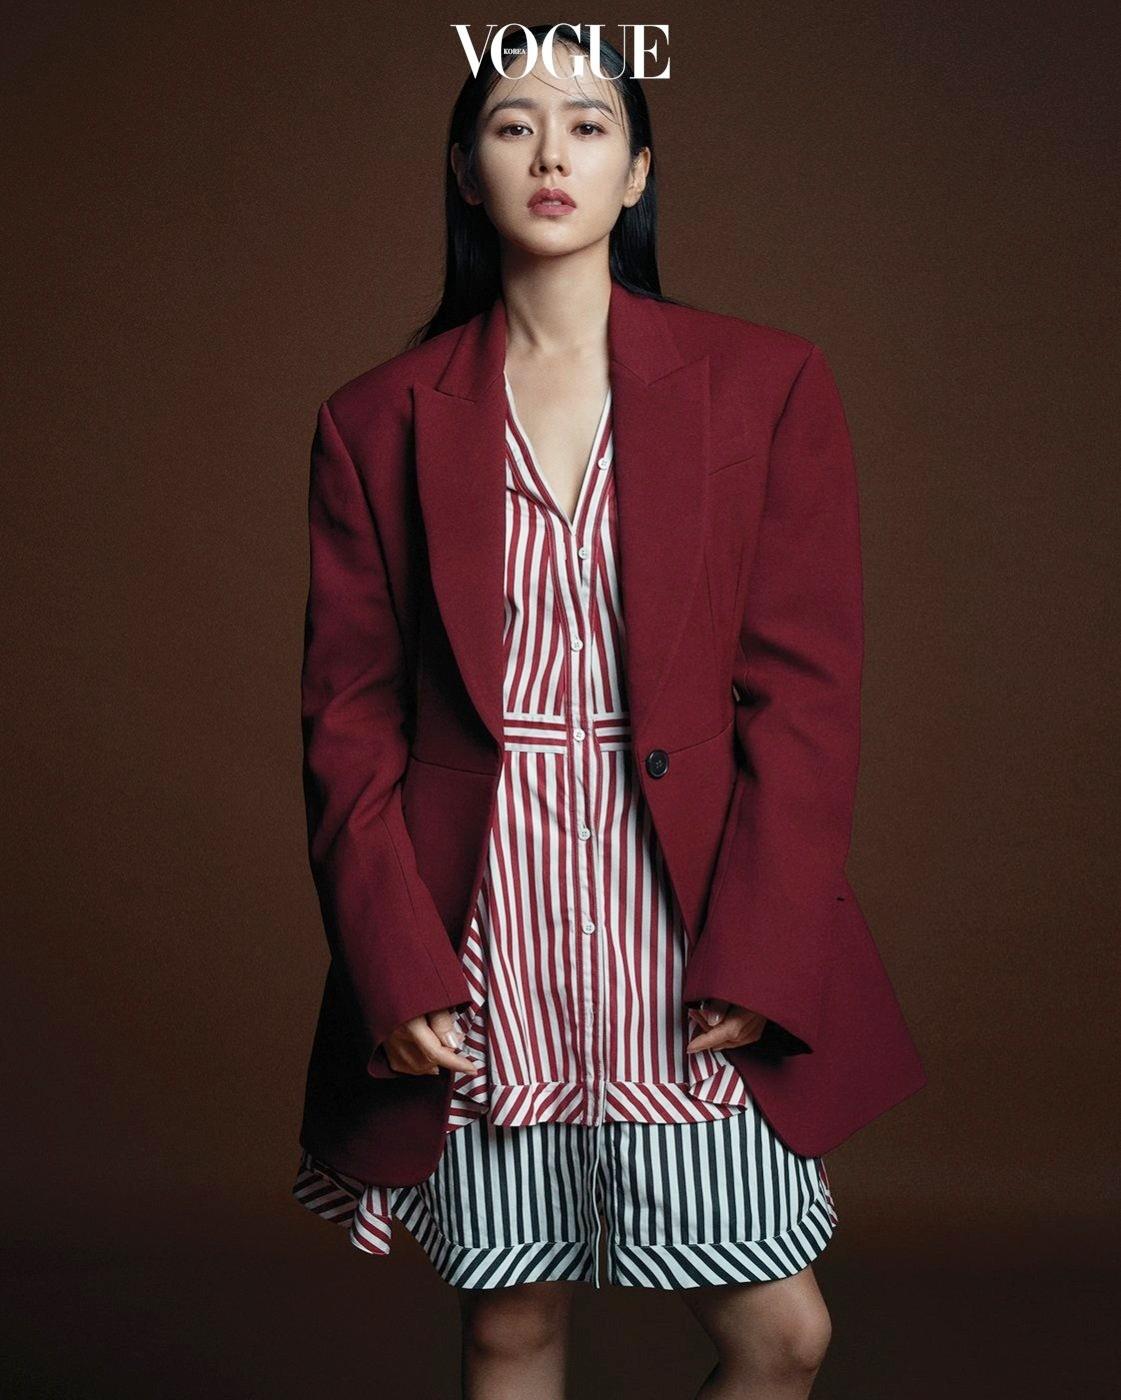 'Chị đẹp' Son Ye Jin tình tứ bên bạn trai cũ của Song Hye Kyo ảnh 4